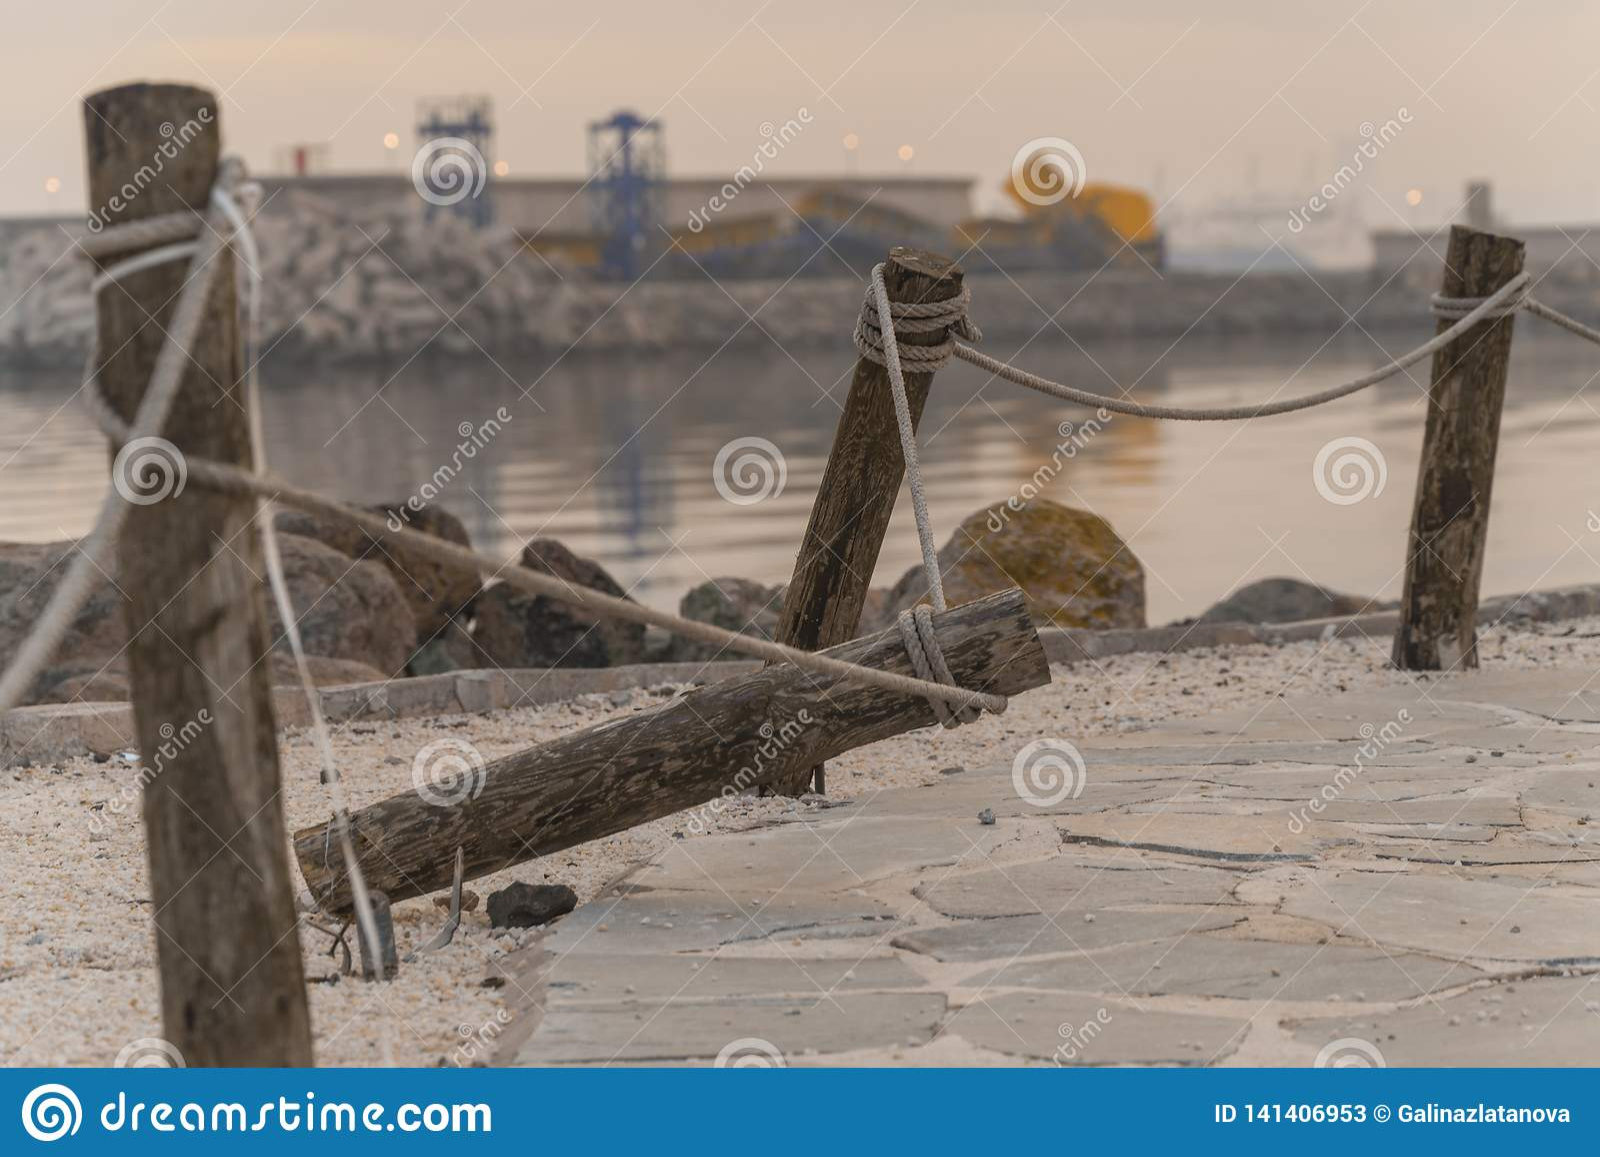 Cuerdas atadas a un árbol alrededor de la playa